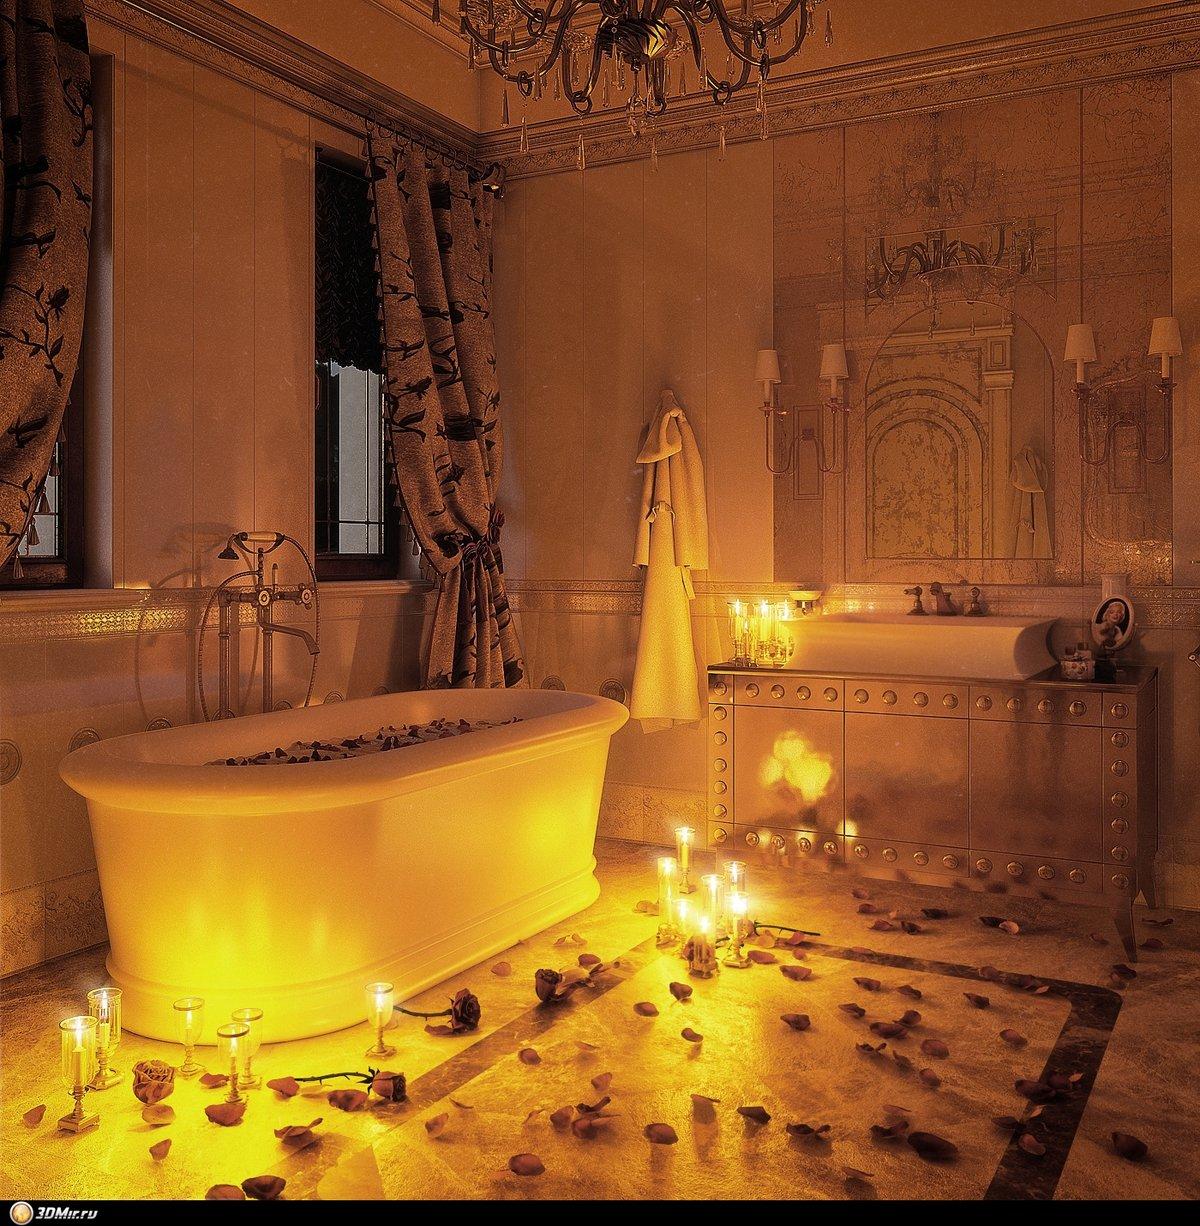 при фото спальни при свечах это